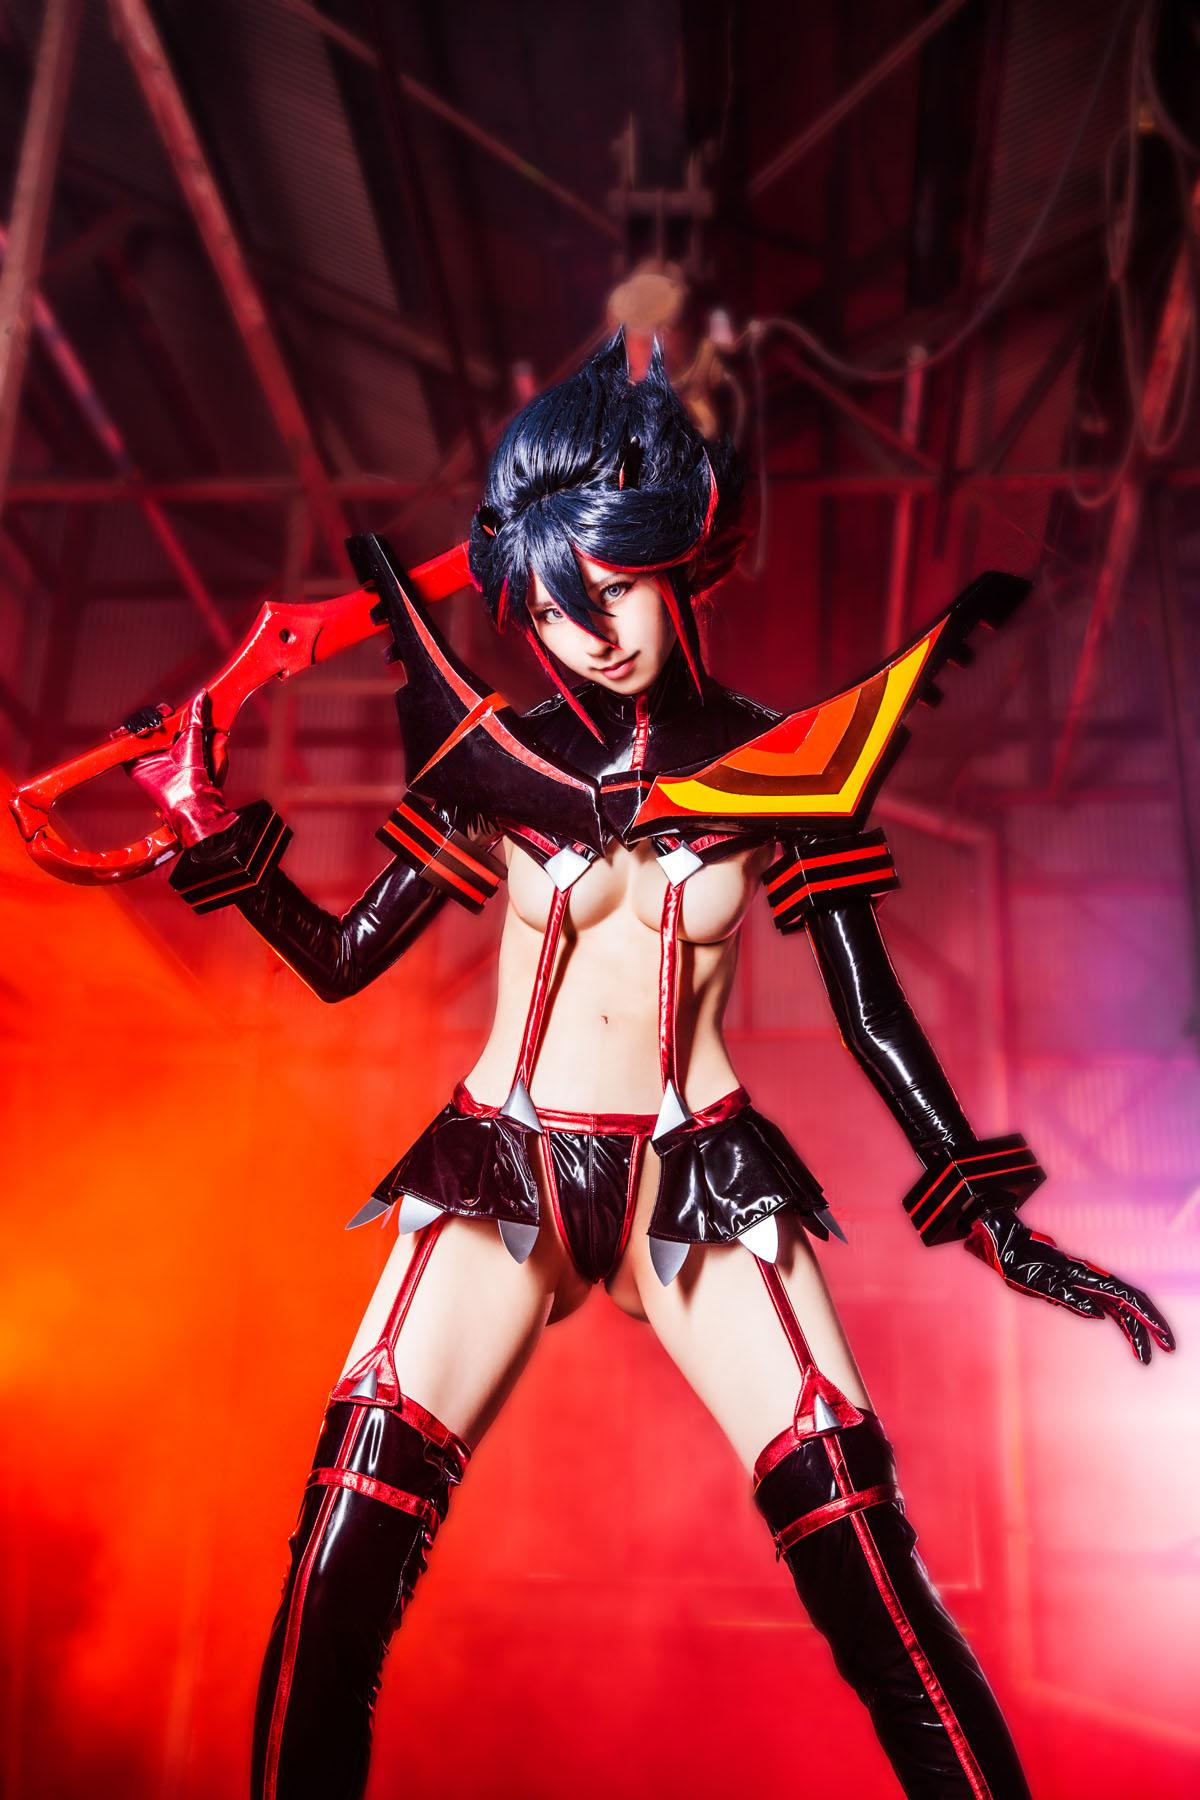 Kill la Kill Ryuuko Matoi anime cosplay by Mikehouse 0047